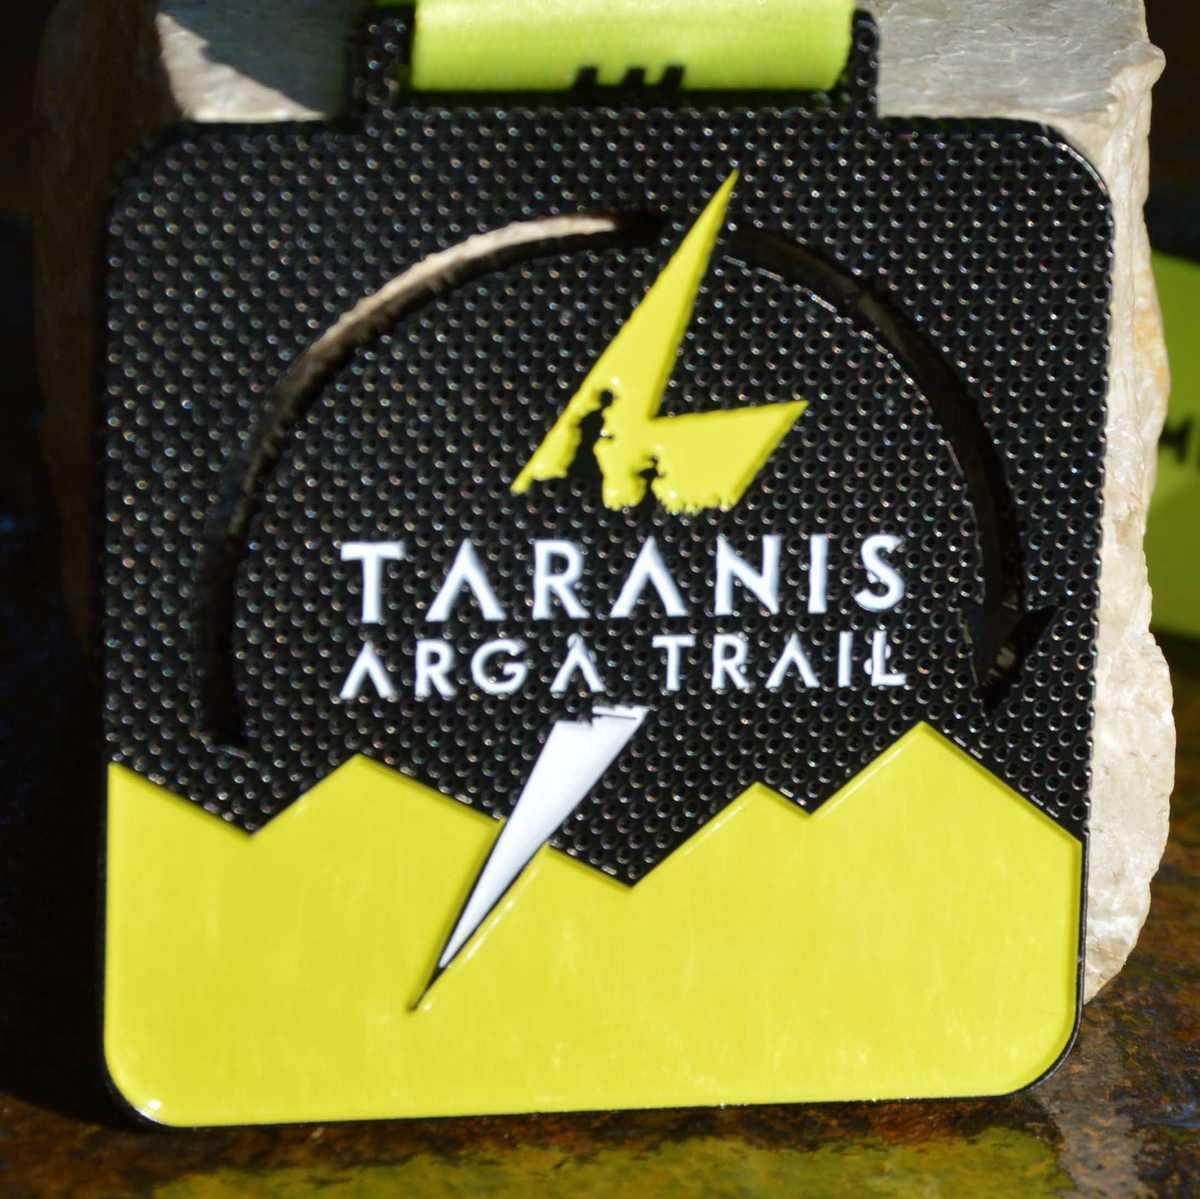 Médaille carrée noir et jaune réalisée pour le Taranis Arga Trail